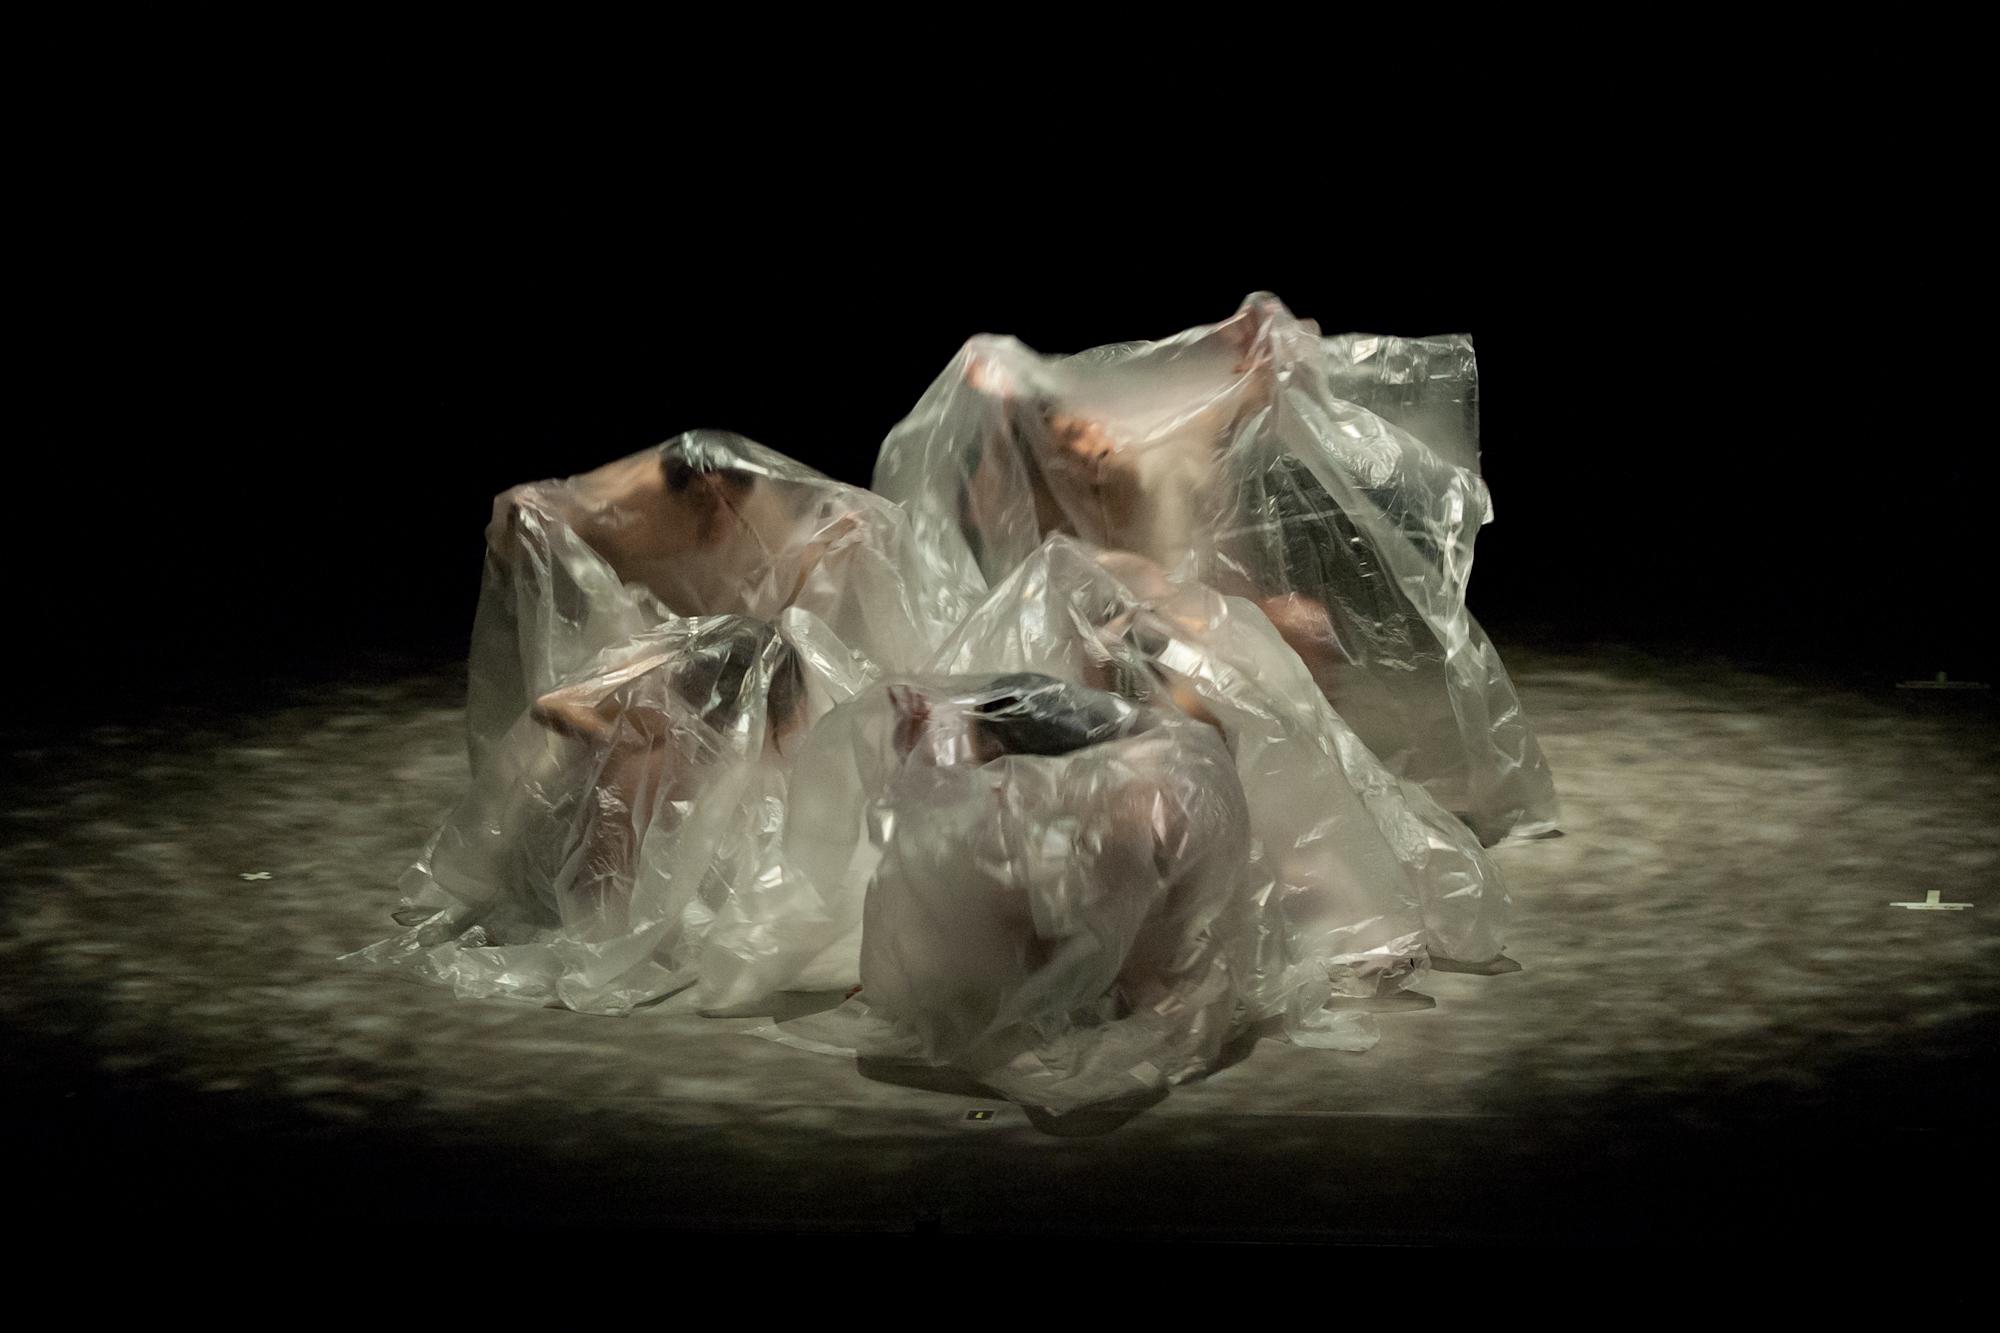 溶け出す深層心理を垣間見る、夢現